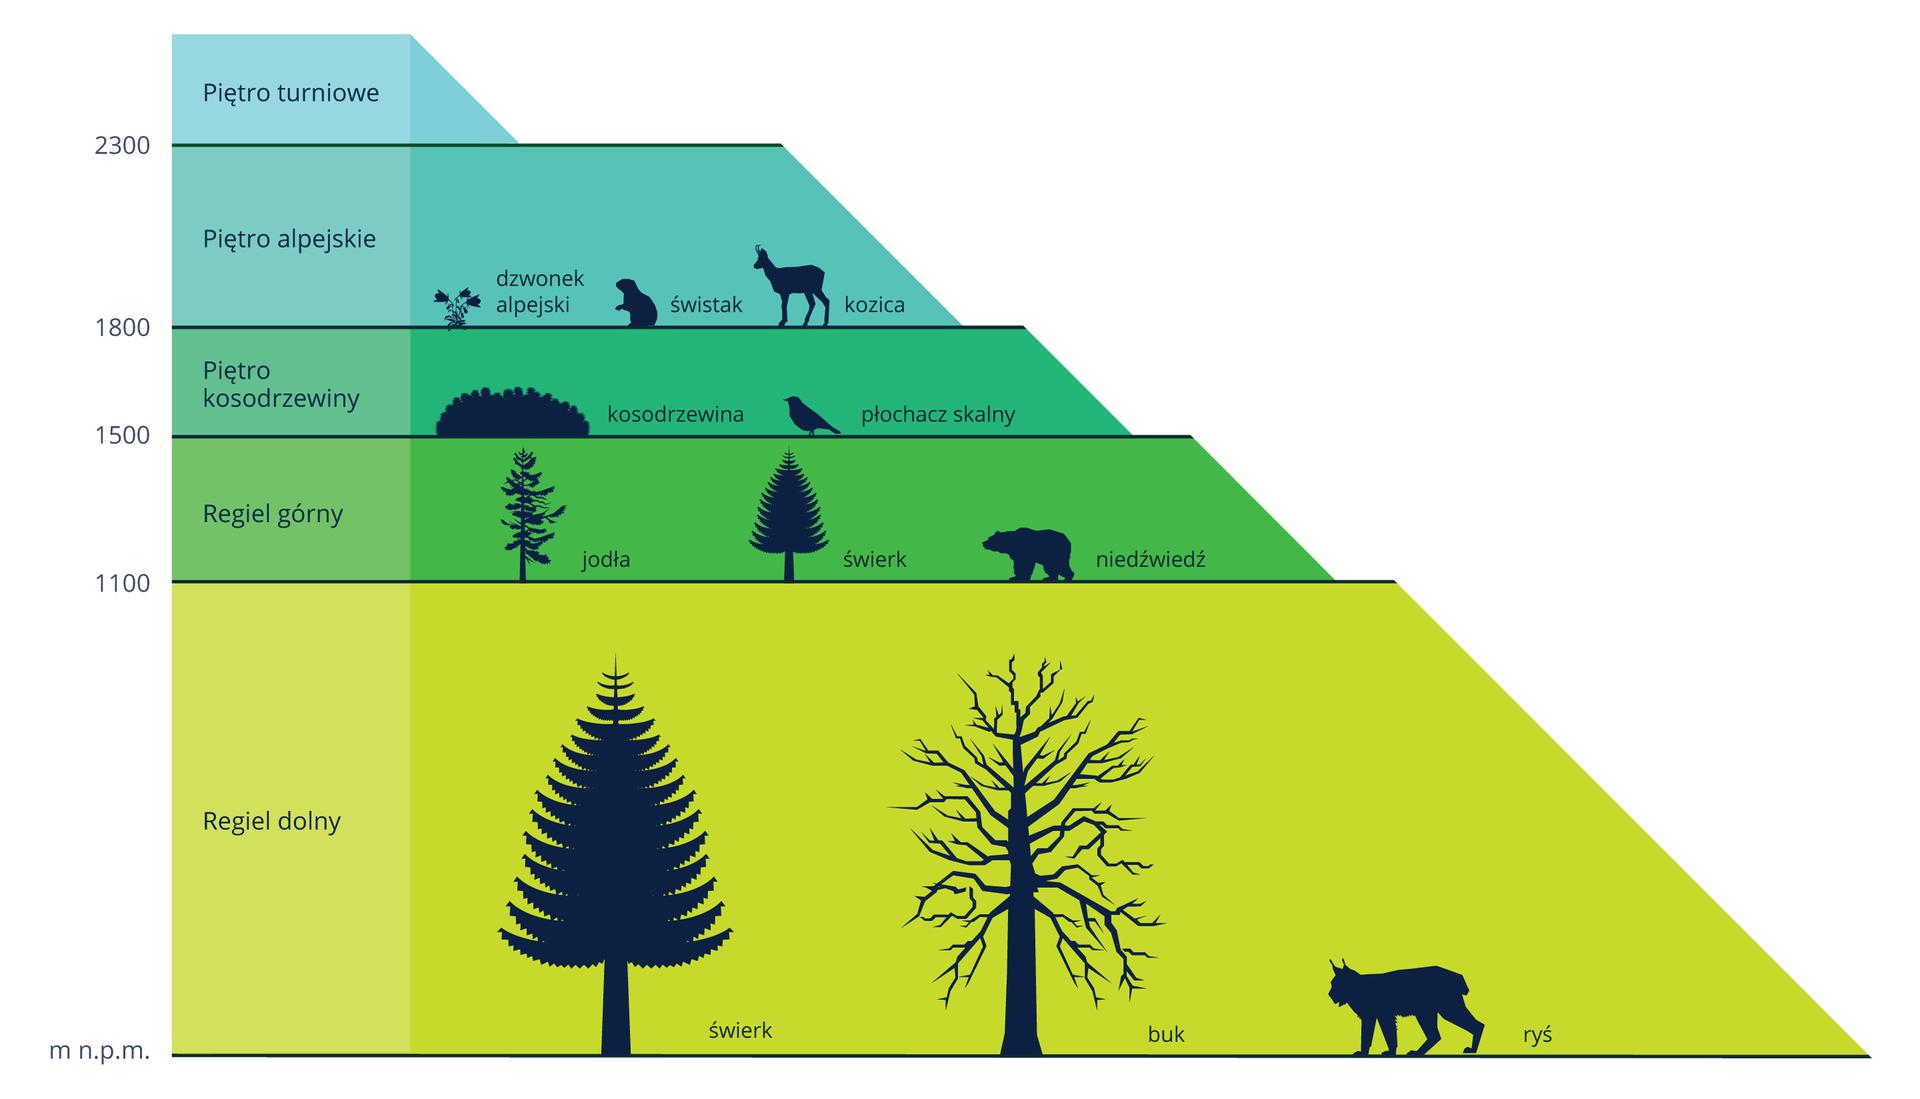 Ilustracja przedstawia wformie piramidy poziome piętra roślinności wTatrach. Każde piętro ma inny kolor. Po lewej podano wysokość inazwę piętra. Po prawej na kolejnych poziomach znajdują się podpisane czarne sylwetki zamieszkujących je organizmów.